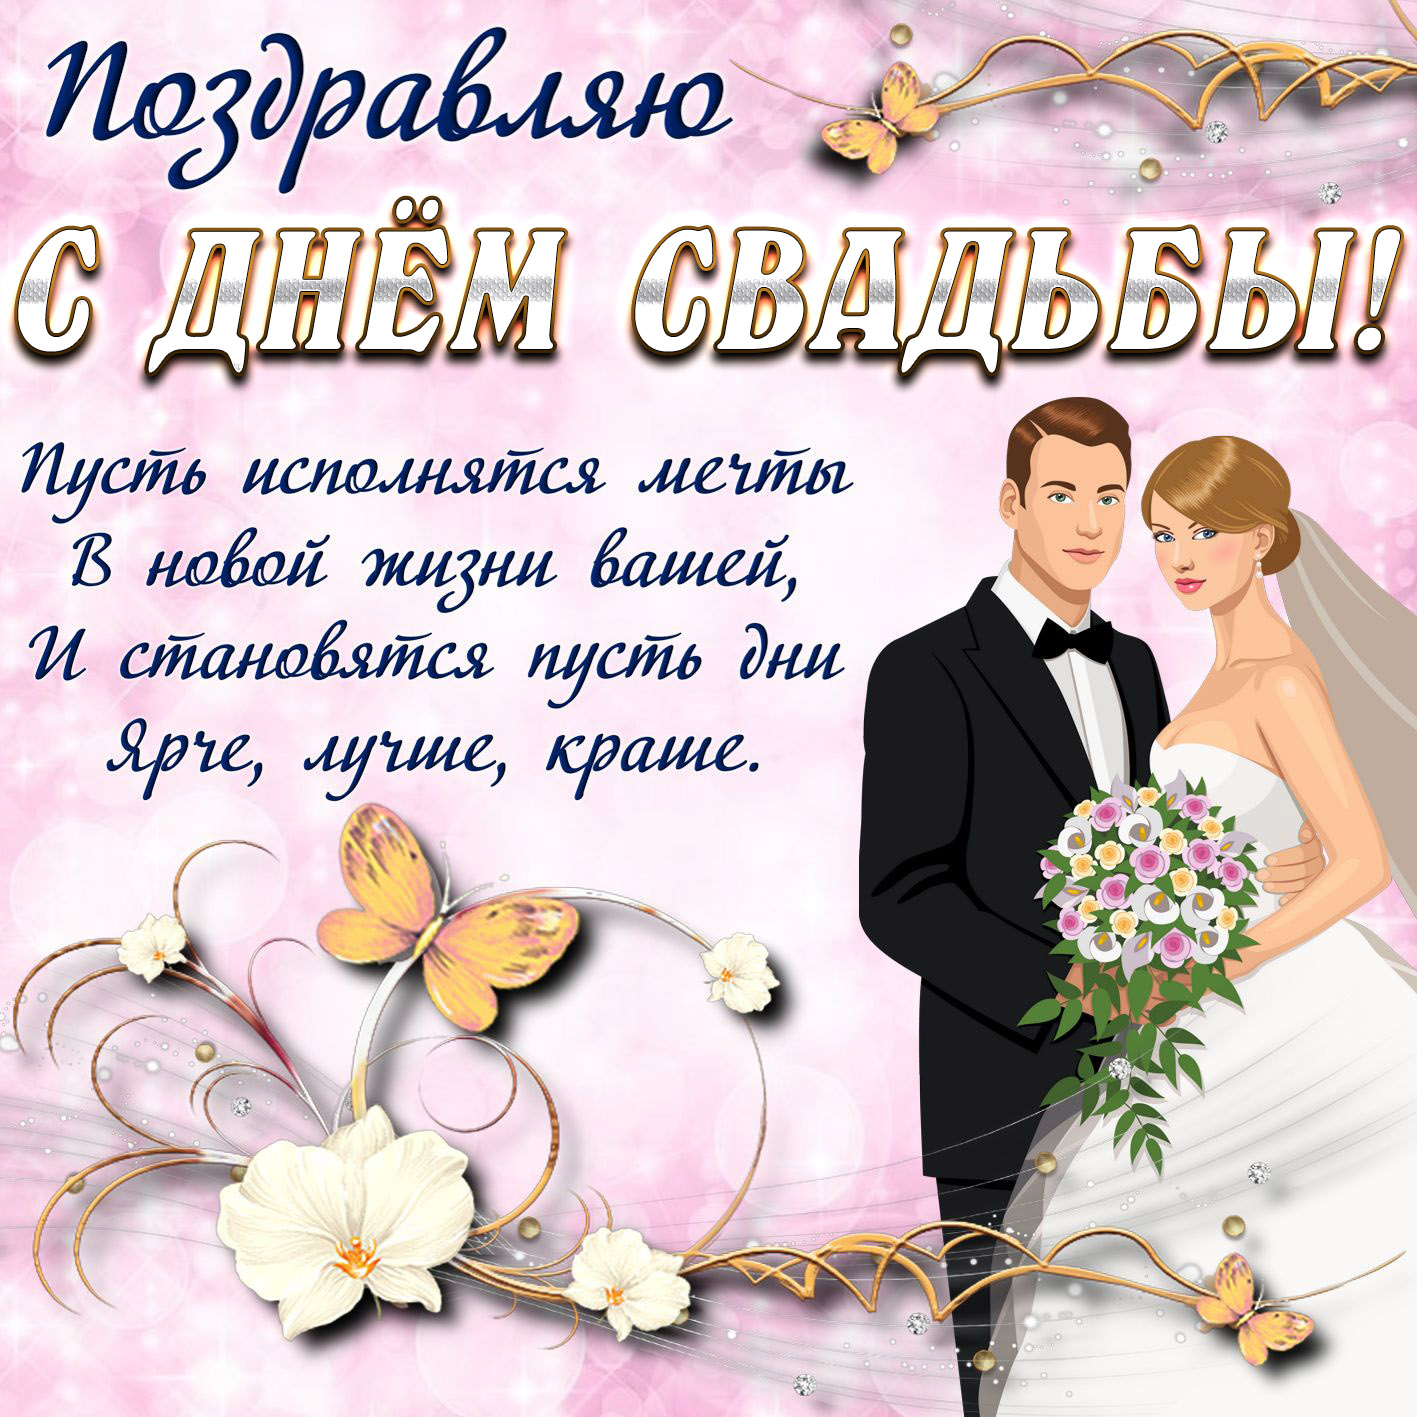 Открытка для невесты с пожеланиями